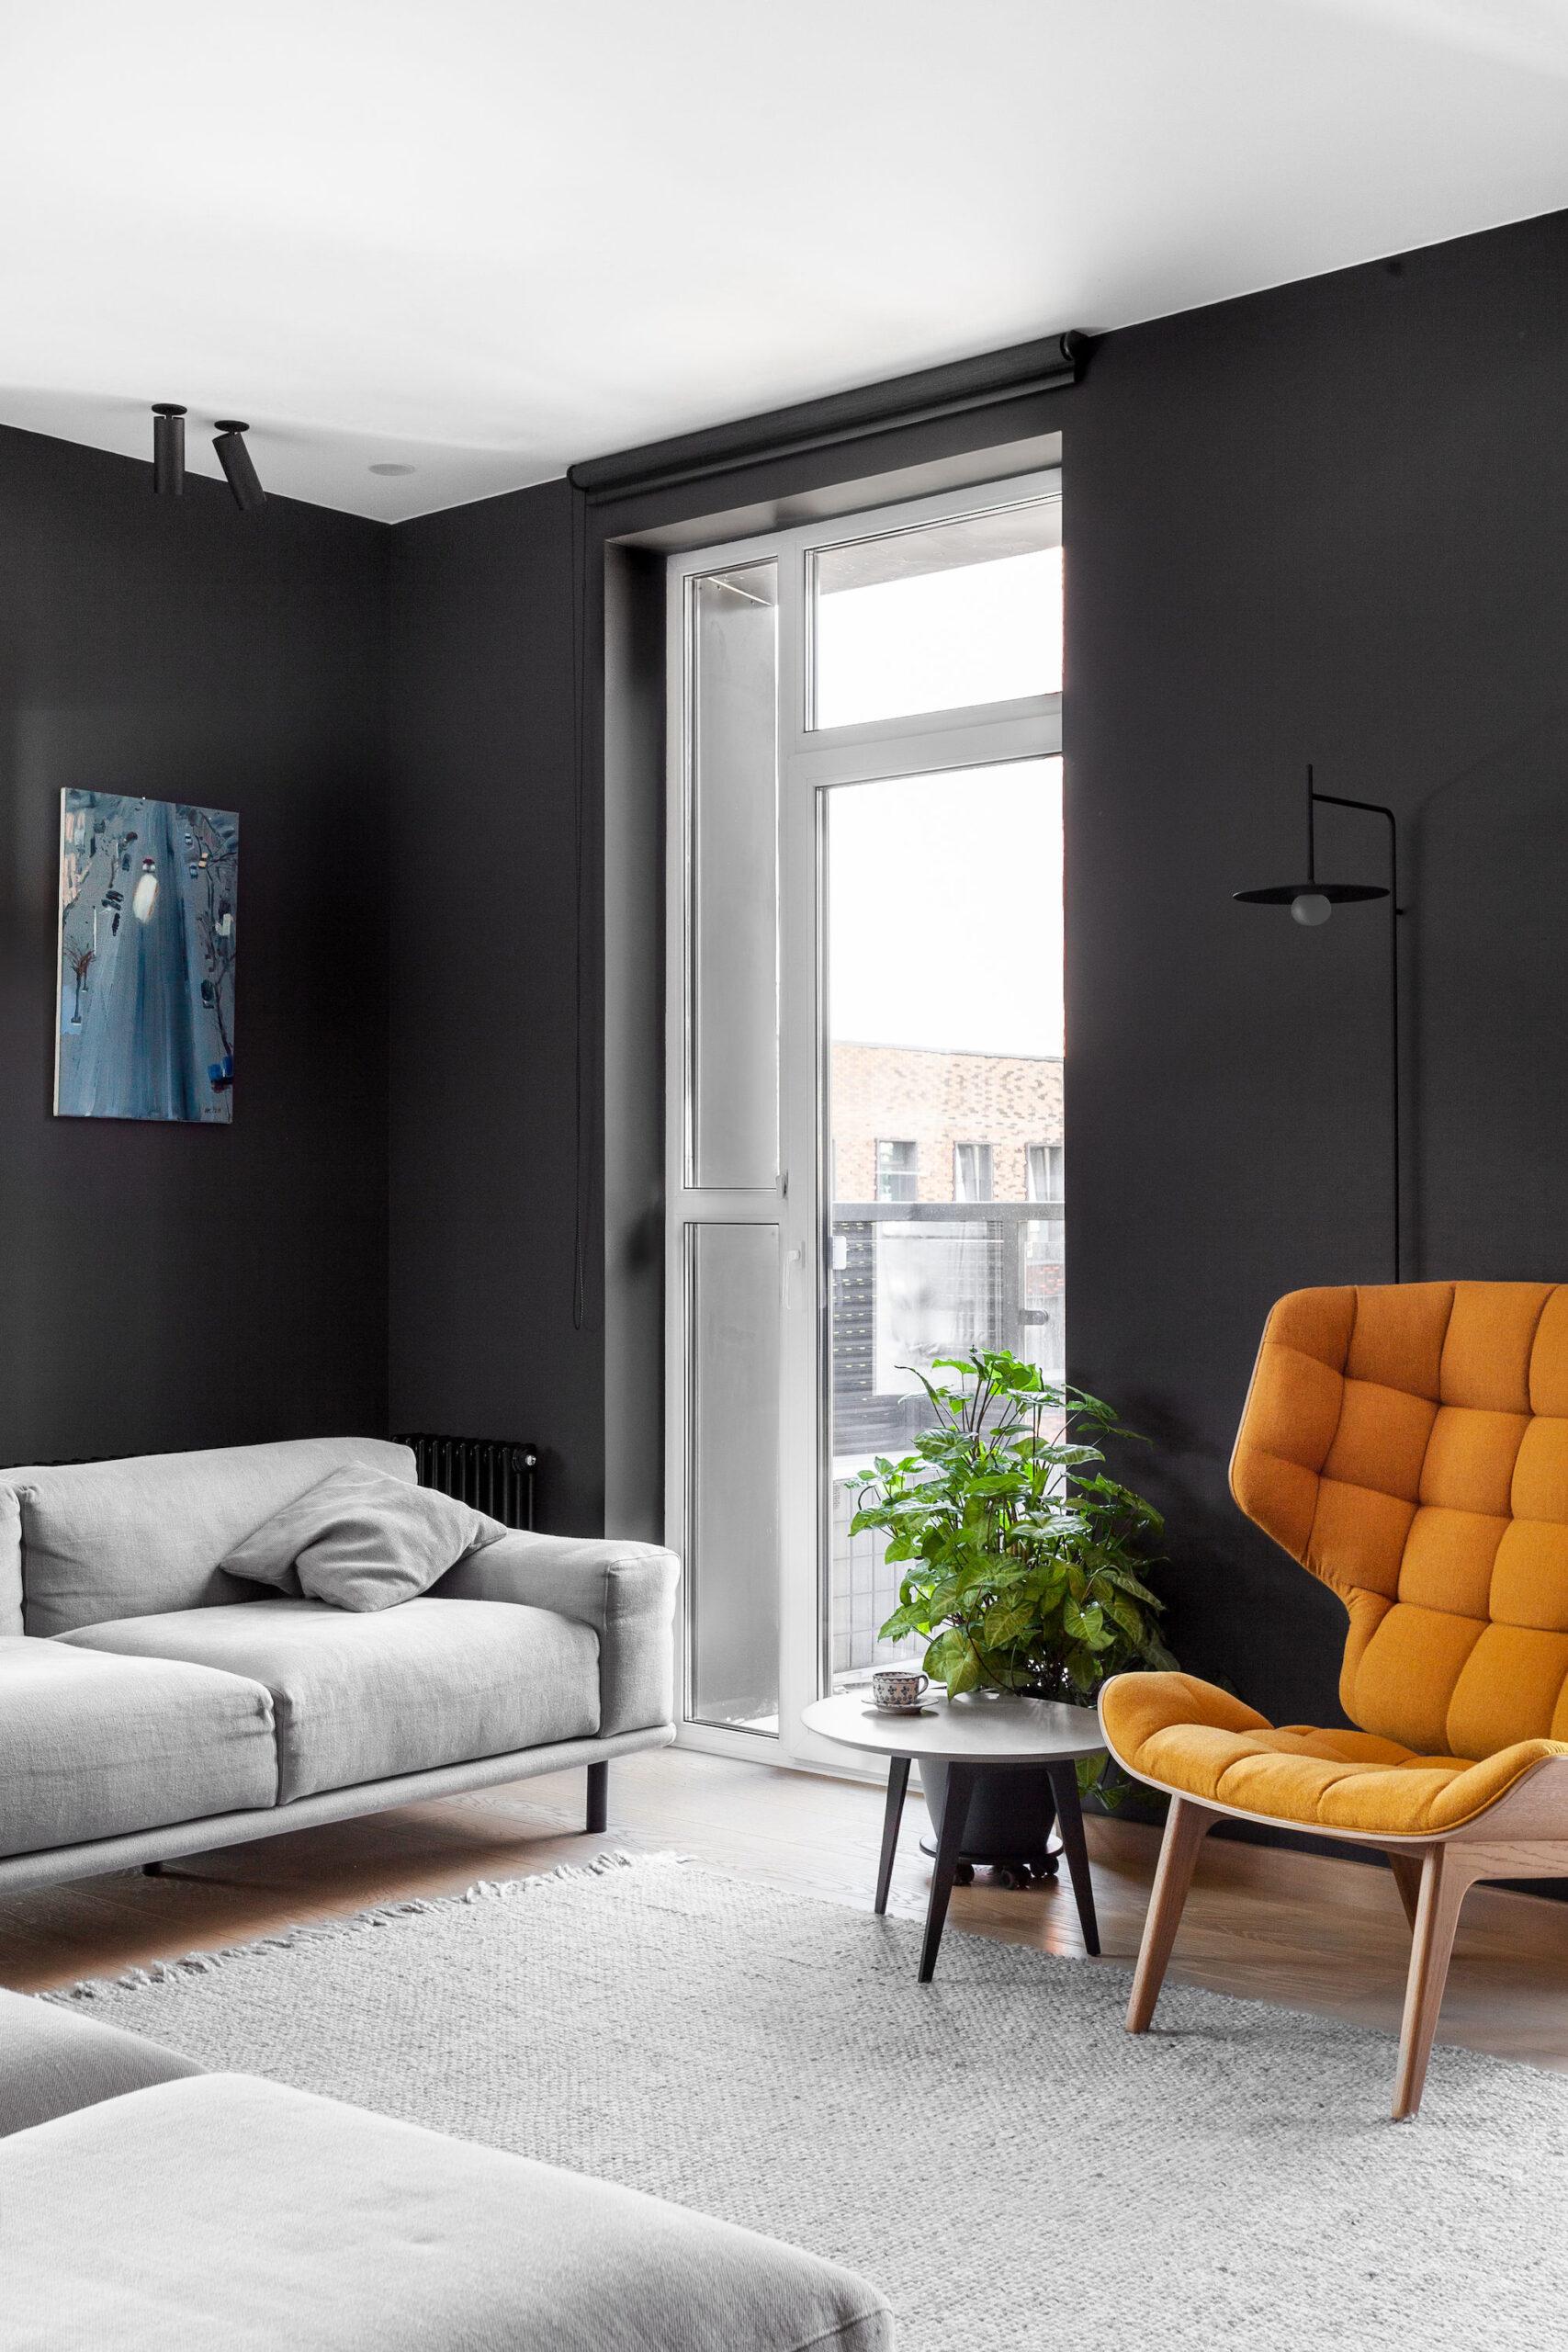 Pereți negrii mobilier din lemn și accente de orange într un apartament din Moscova 4 scaled